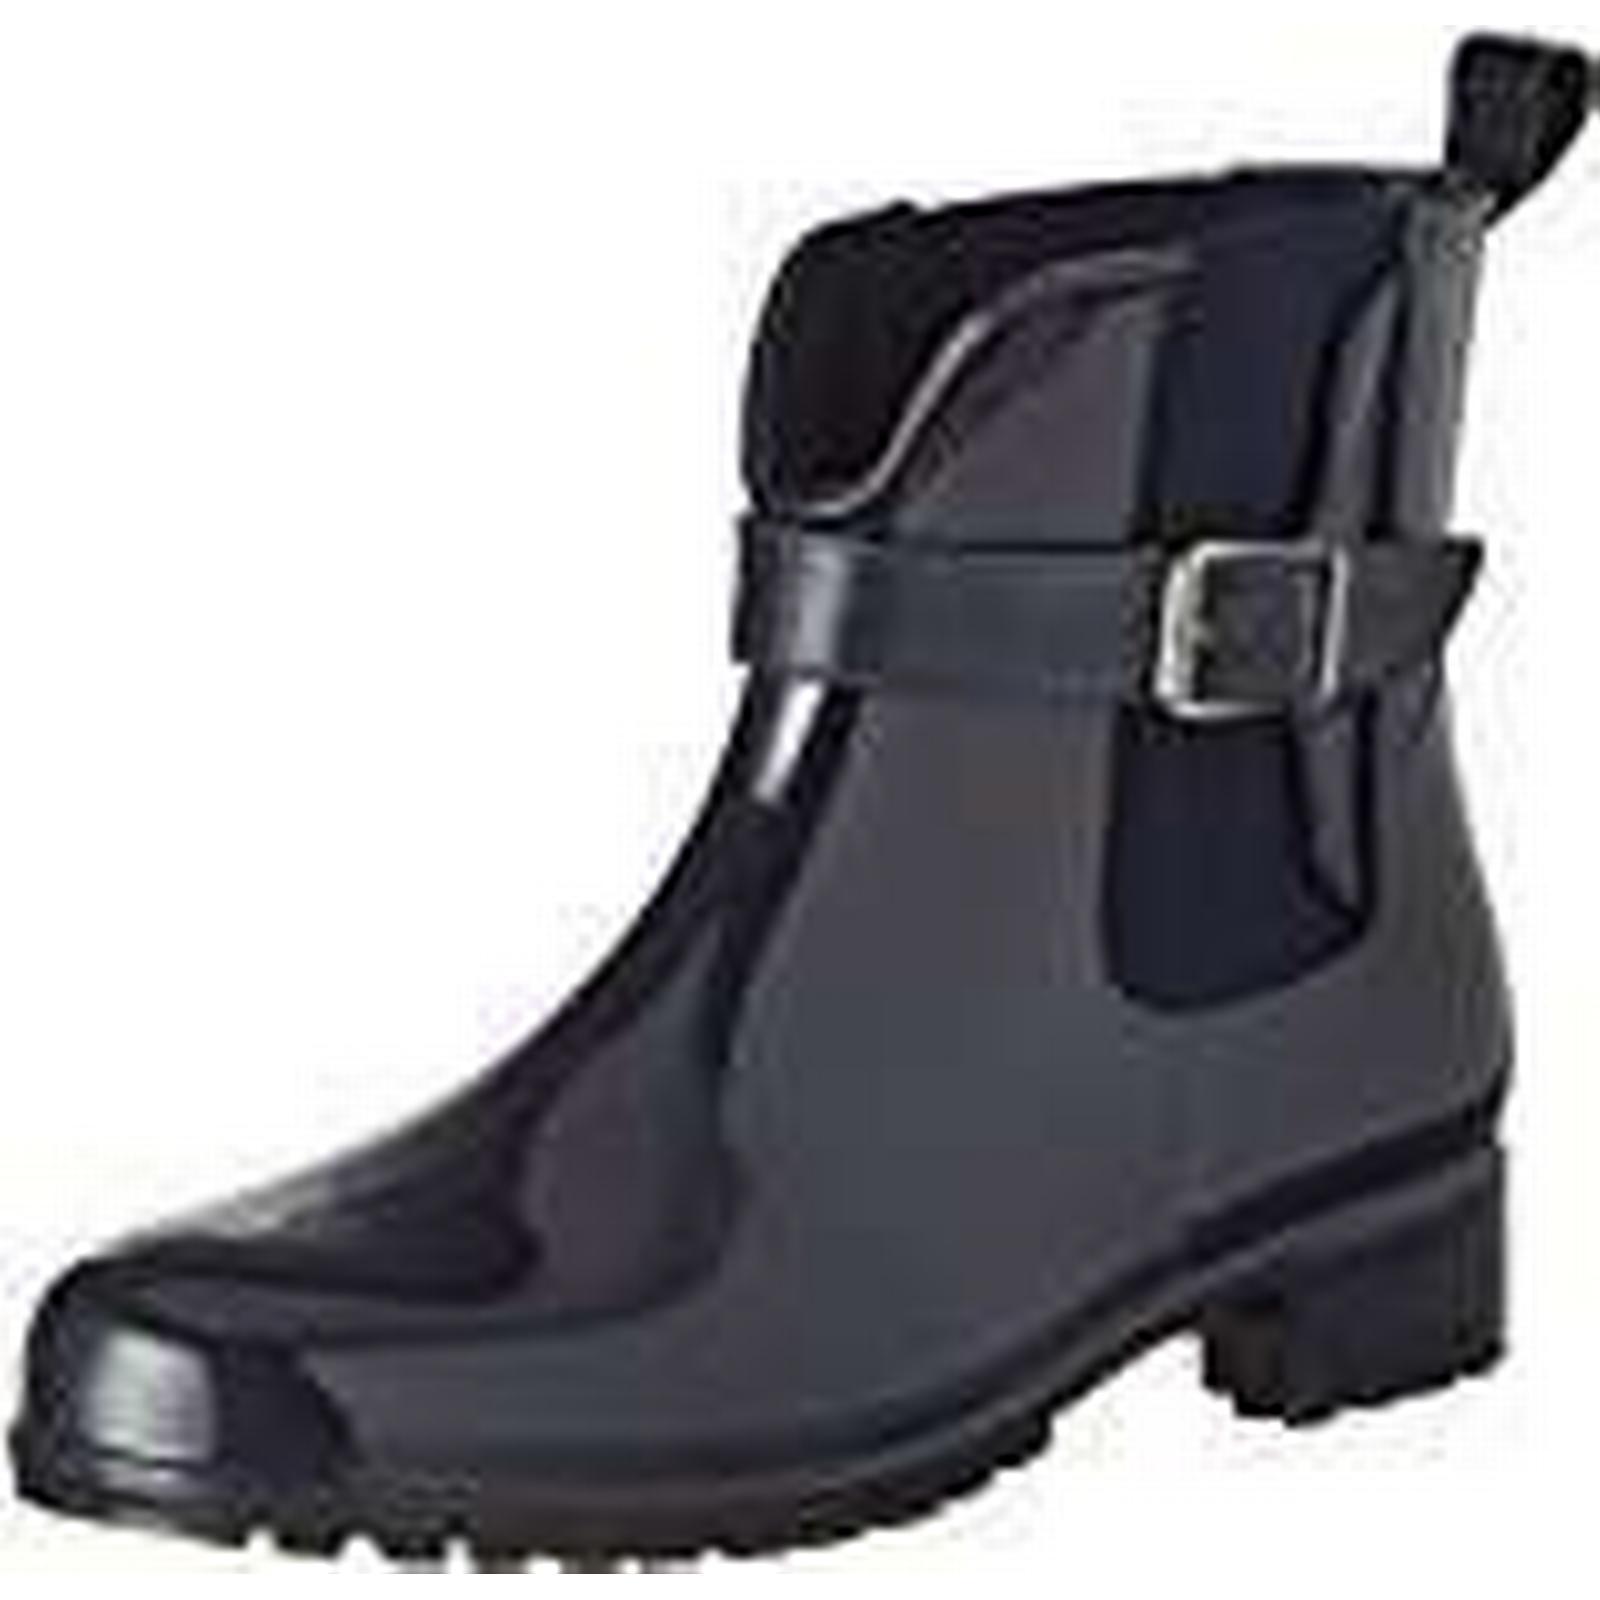 Tamaris Women s 25410 (Navy), Boots, Blue (Navy), 25410 6 UK 150e68 ... f044829d44